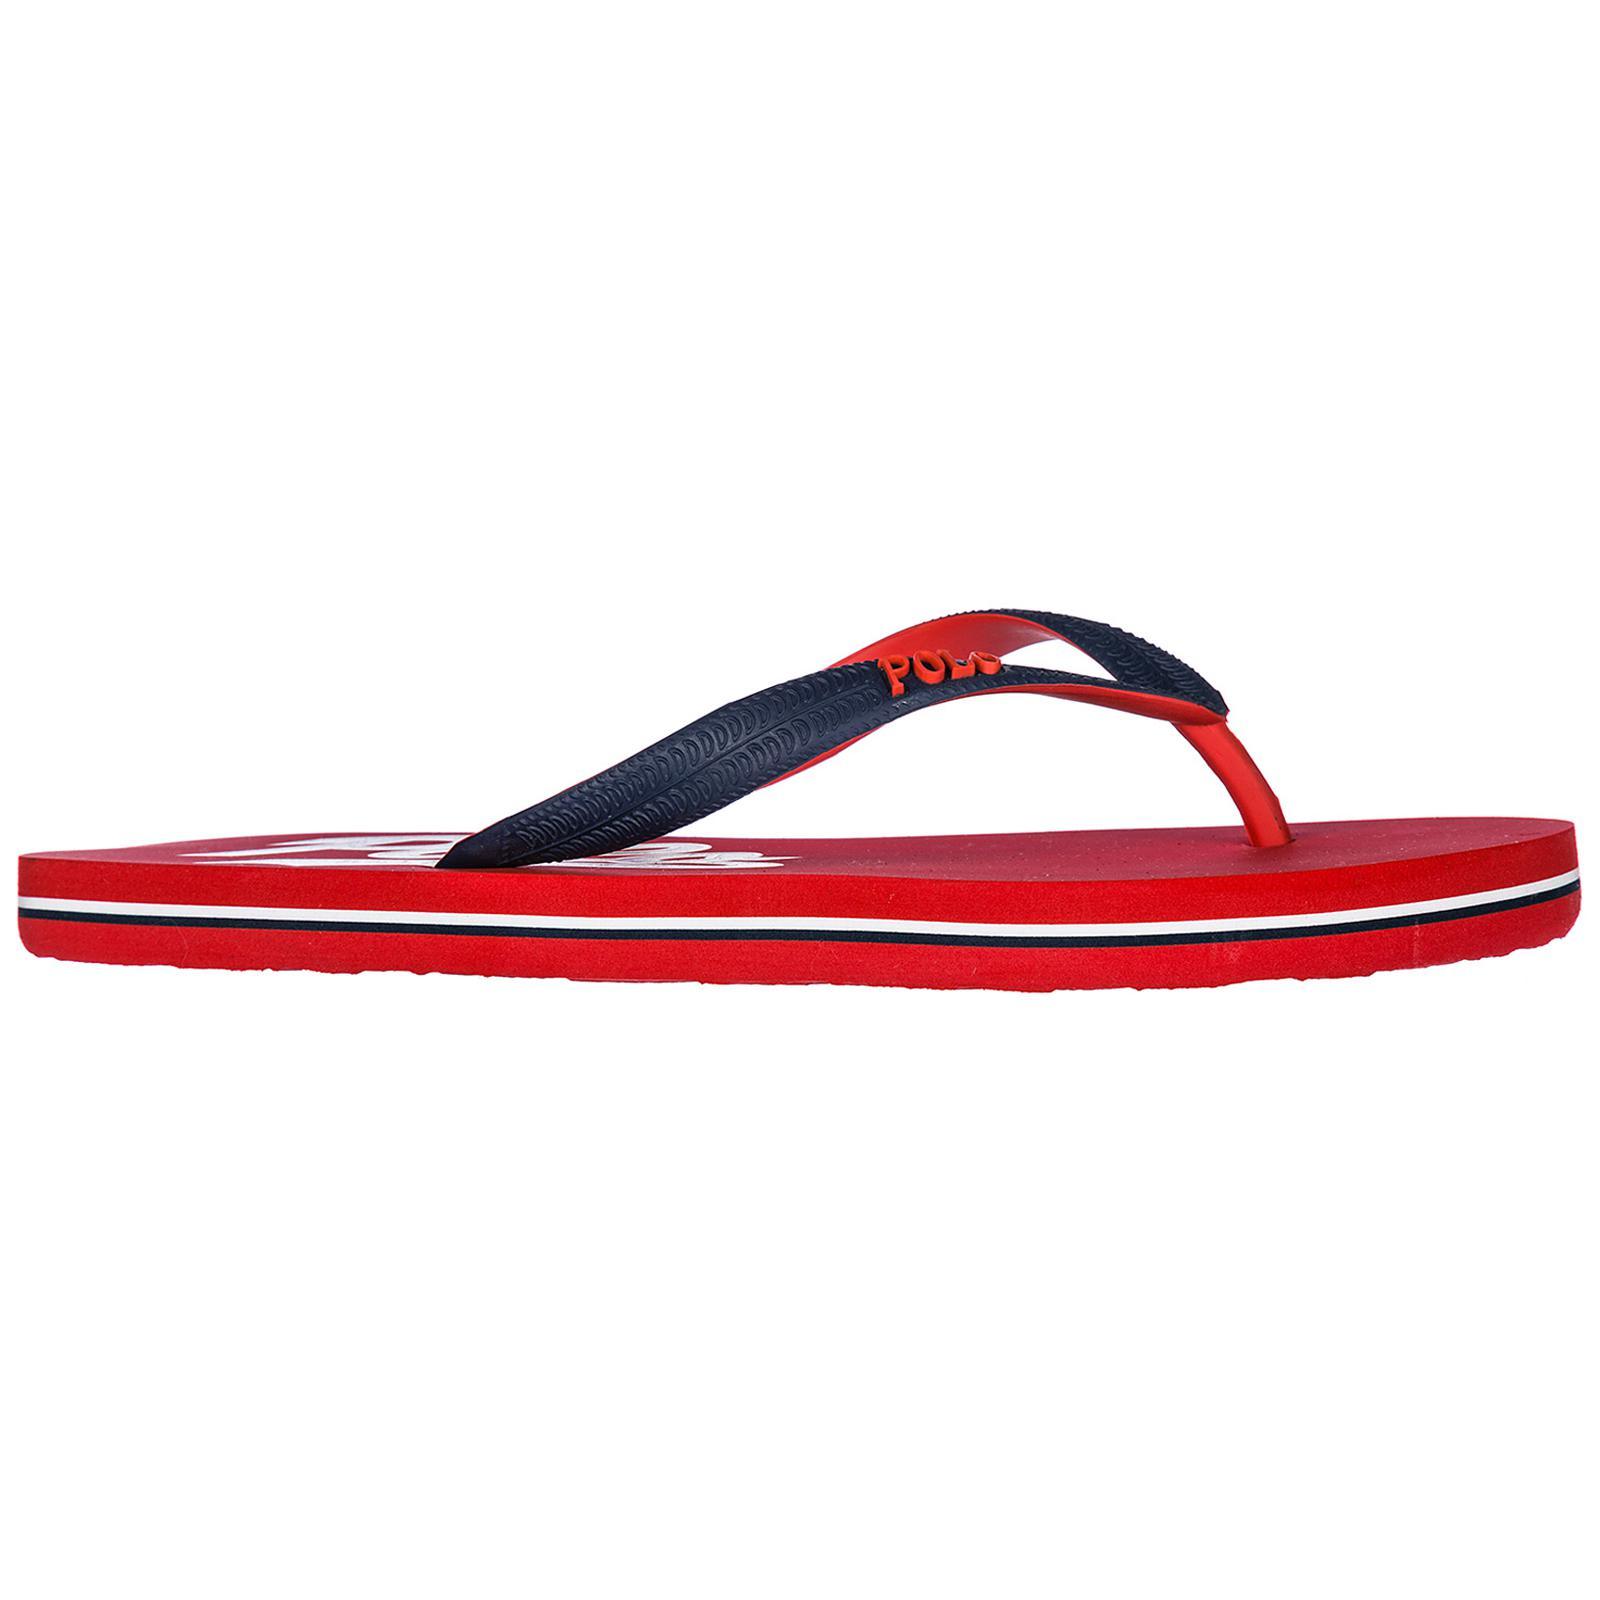 a0909f78e50a Polo Ralph Lauren Rubber Flip Flops Sandals in Red for Men - Lyst